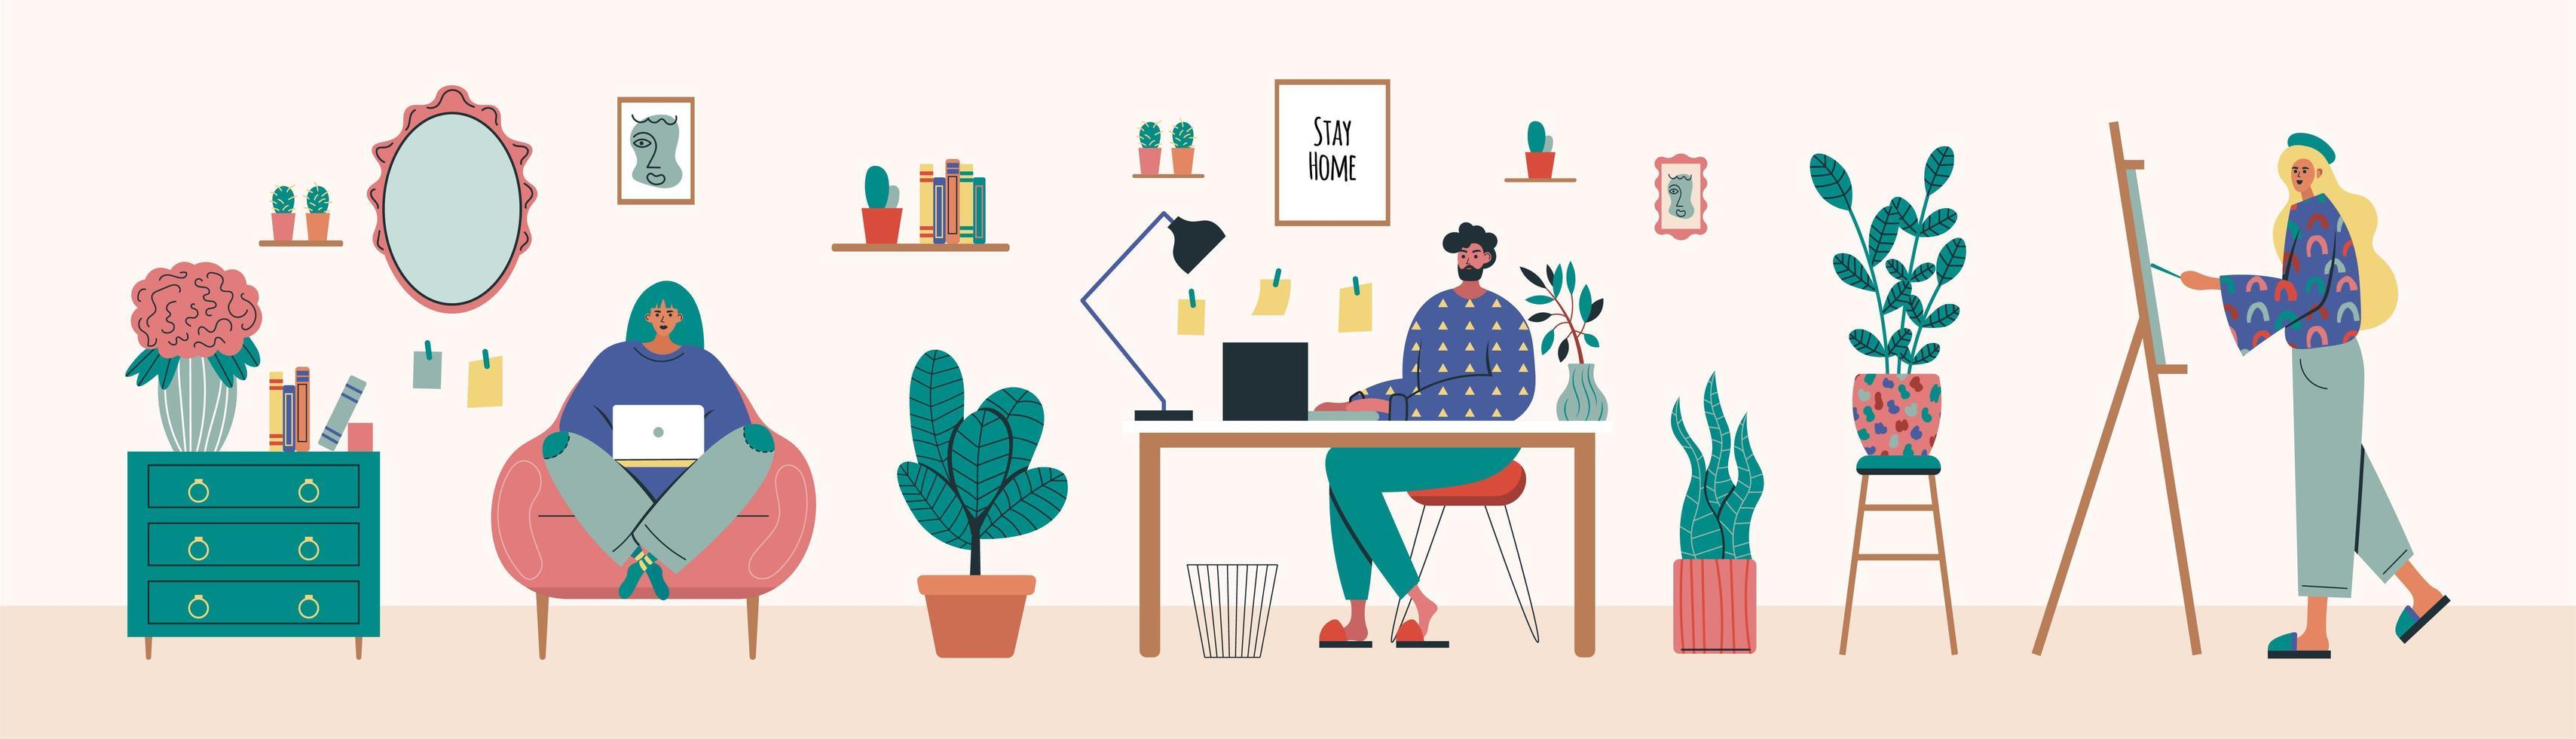 freiberufliche Künstler, die zu Hause arbeiten vektor